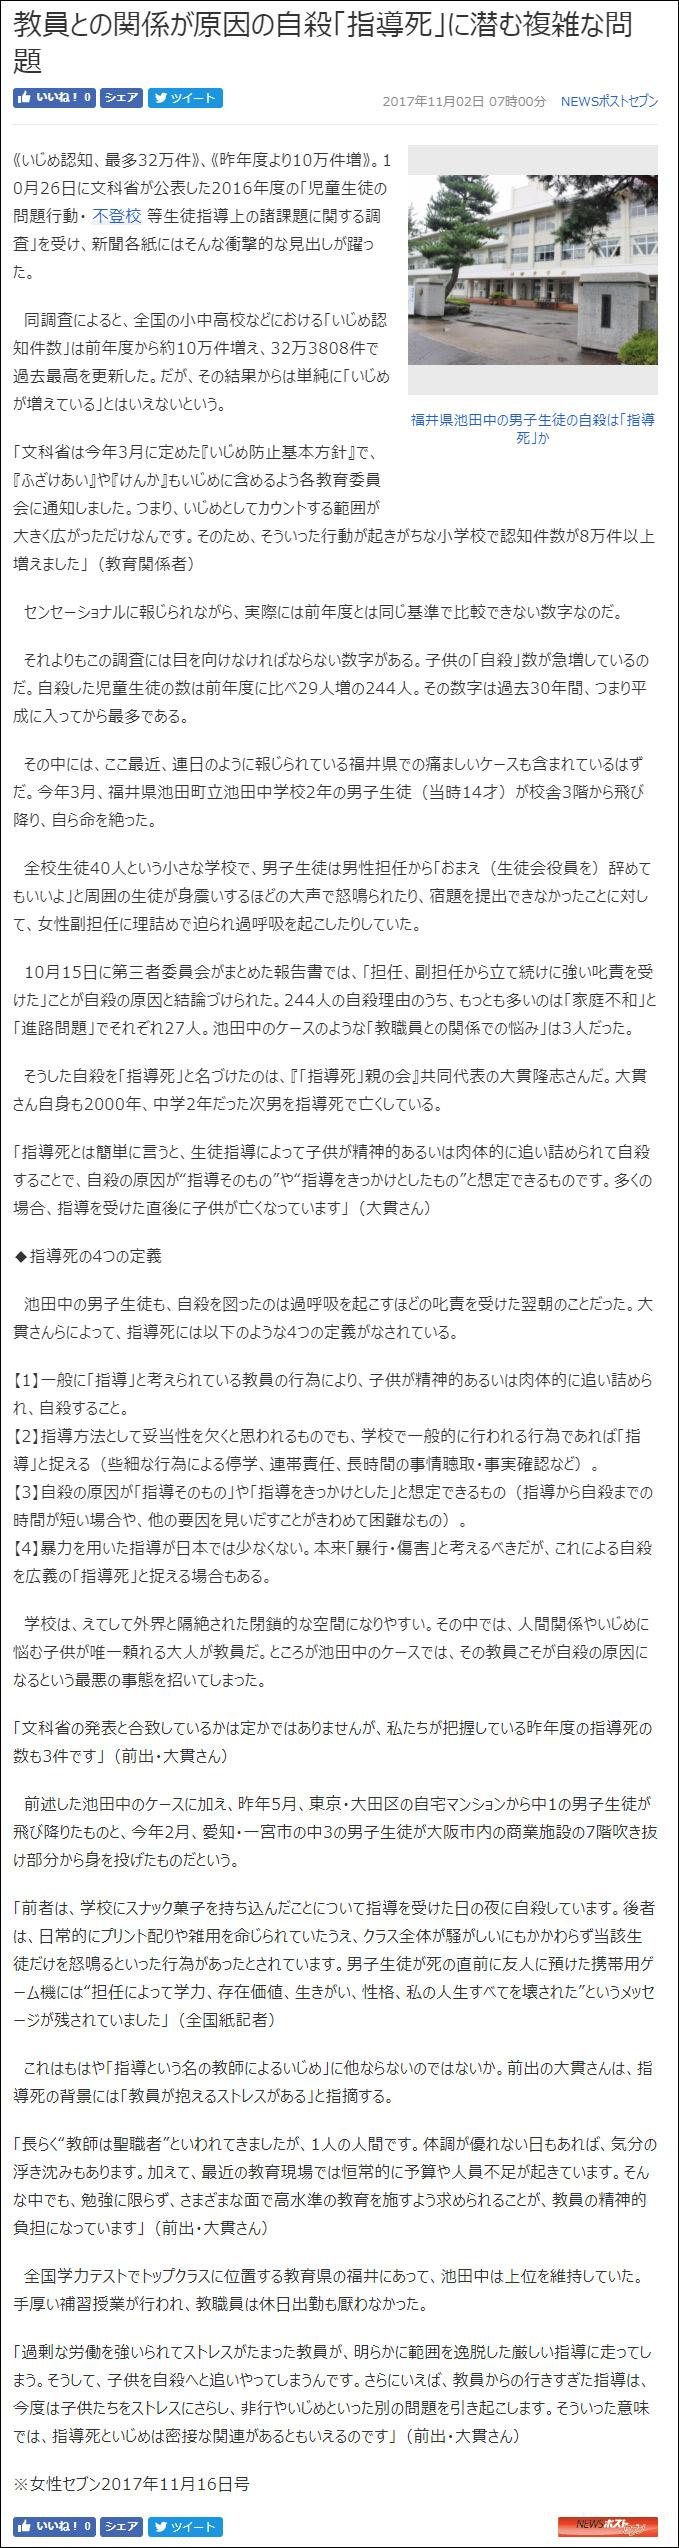 大貫隆志:niftyニュース掲載、2017年11月2日「教員との関係が原因の自殺「指導死」に潜む複雑な問題」